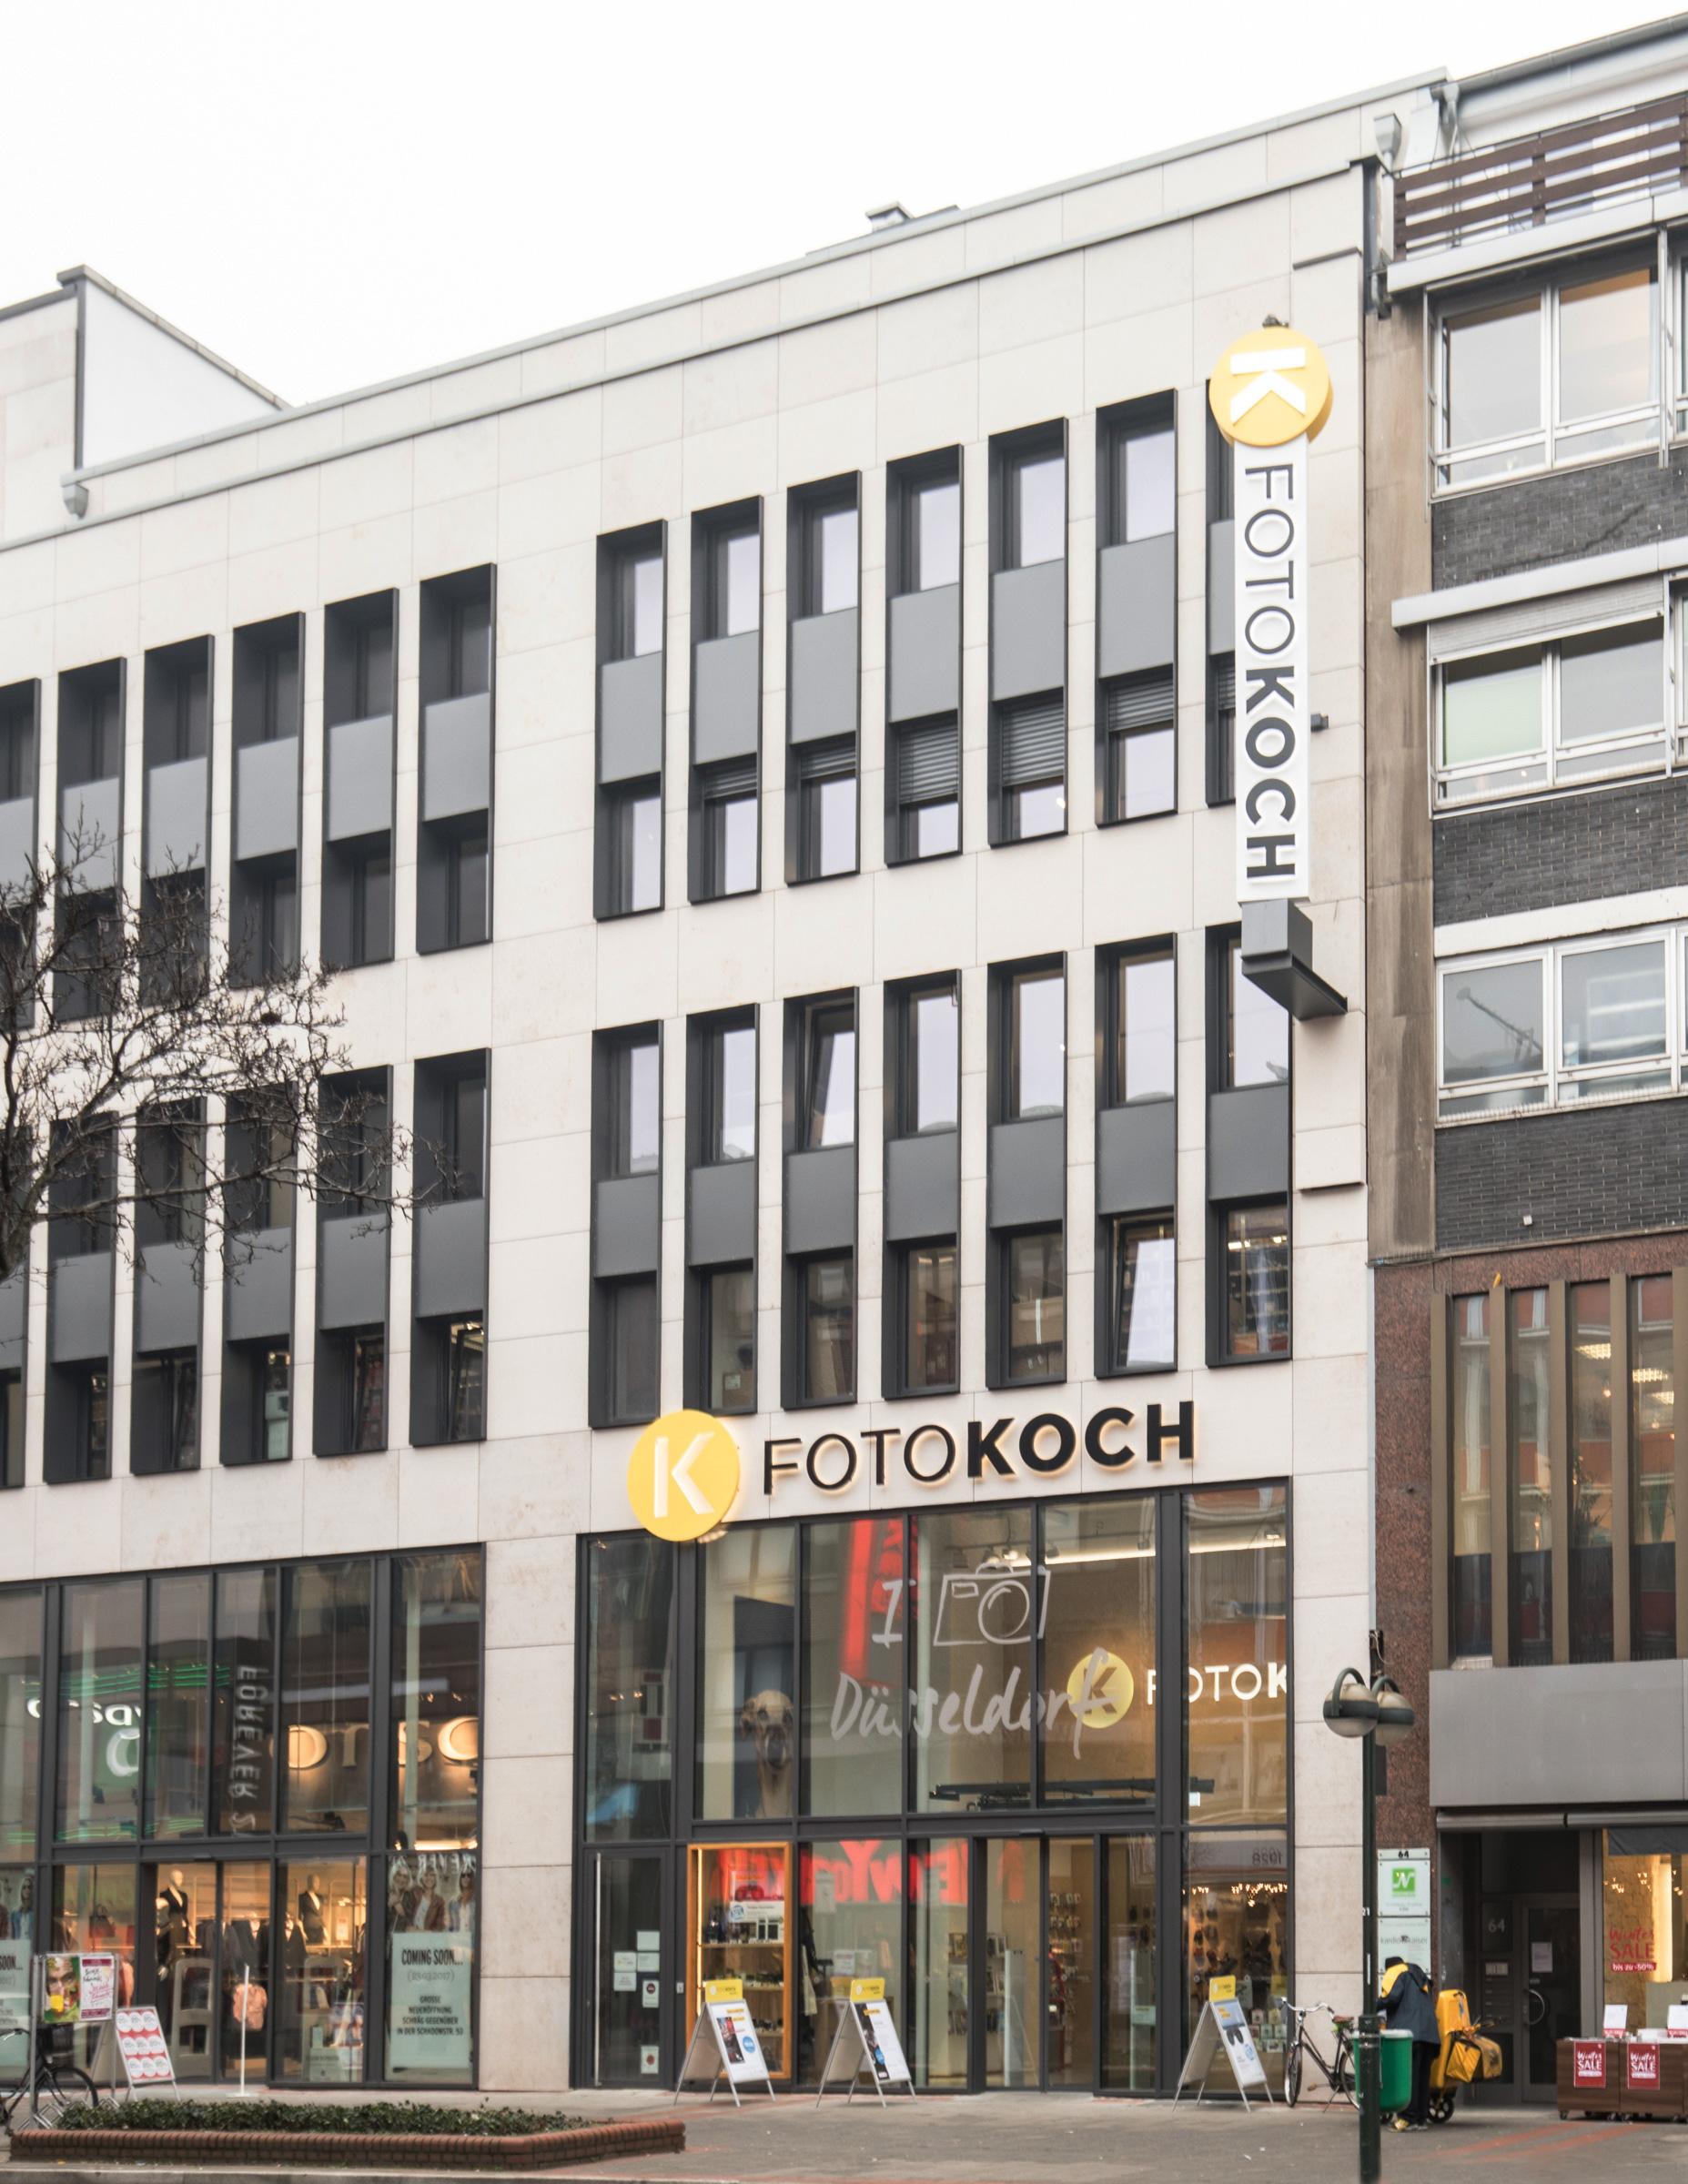 Ladengeschäft Foto Koch